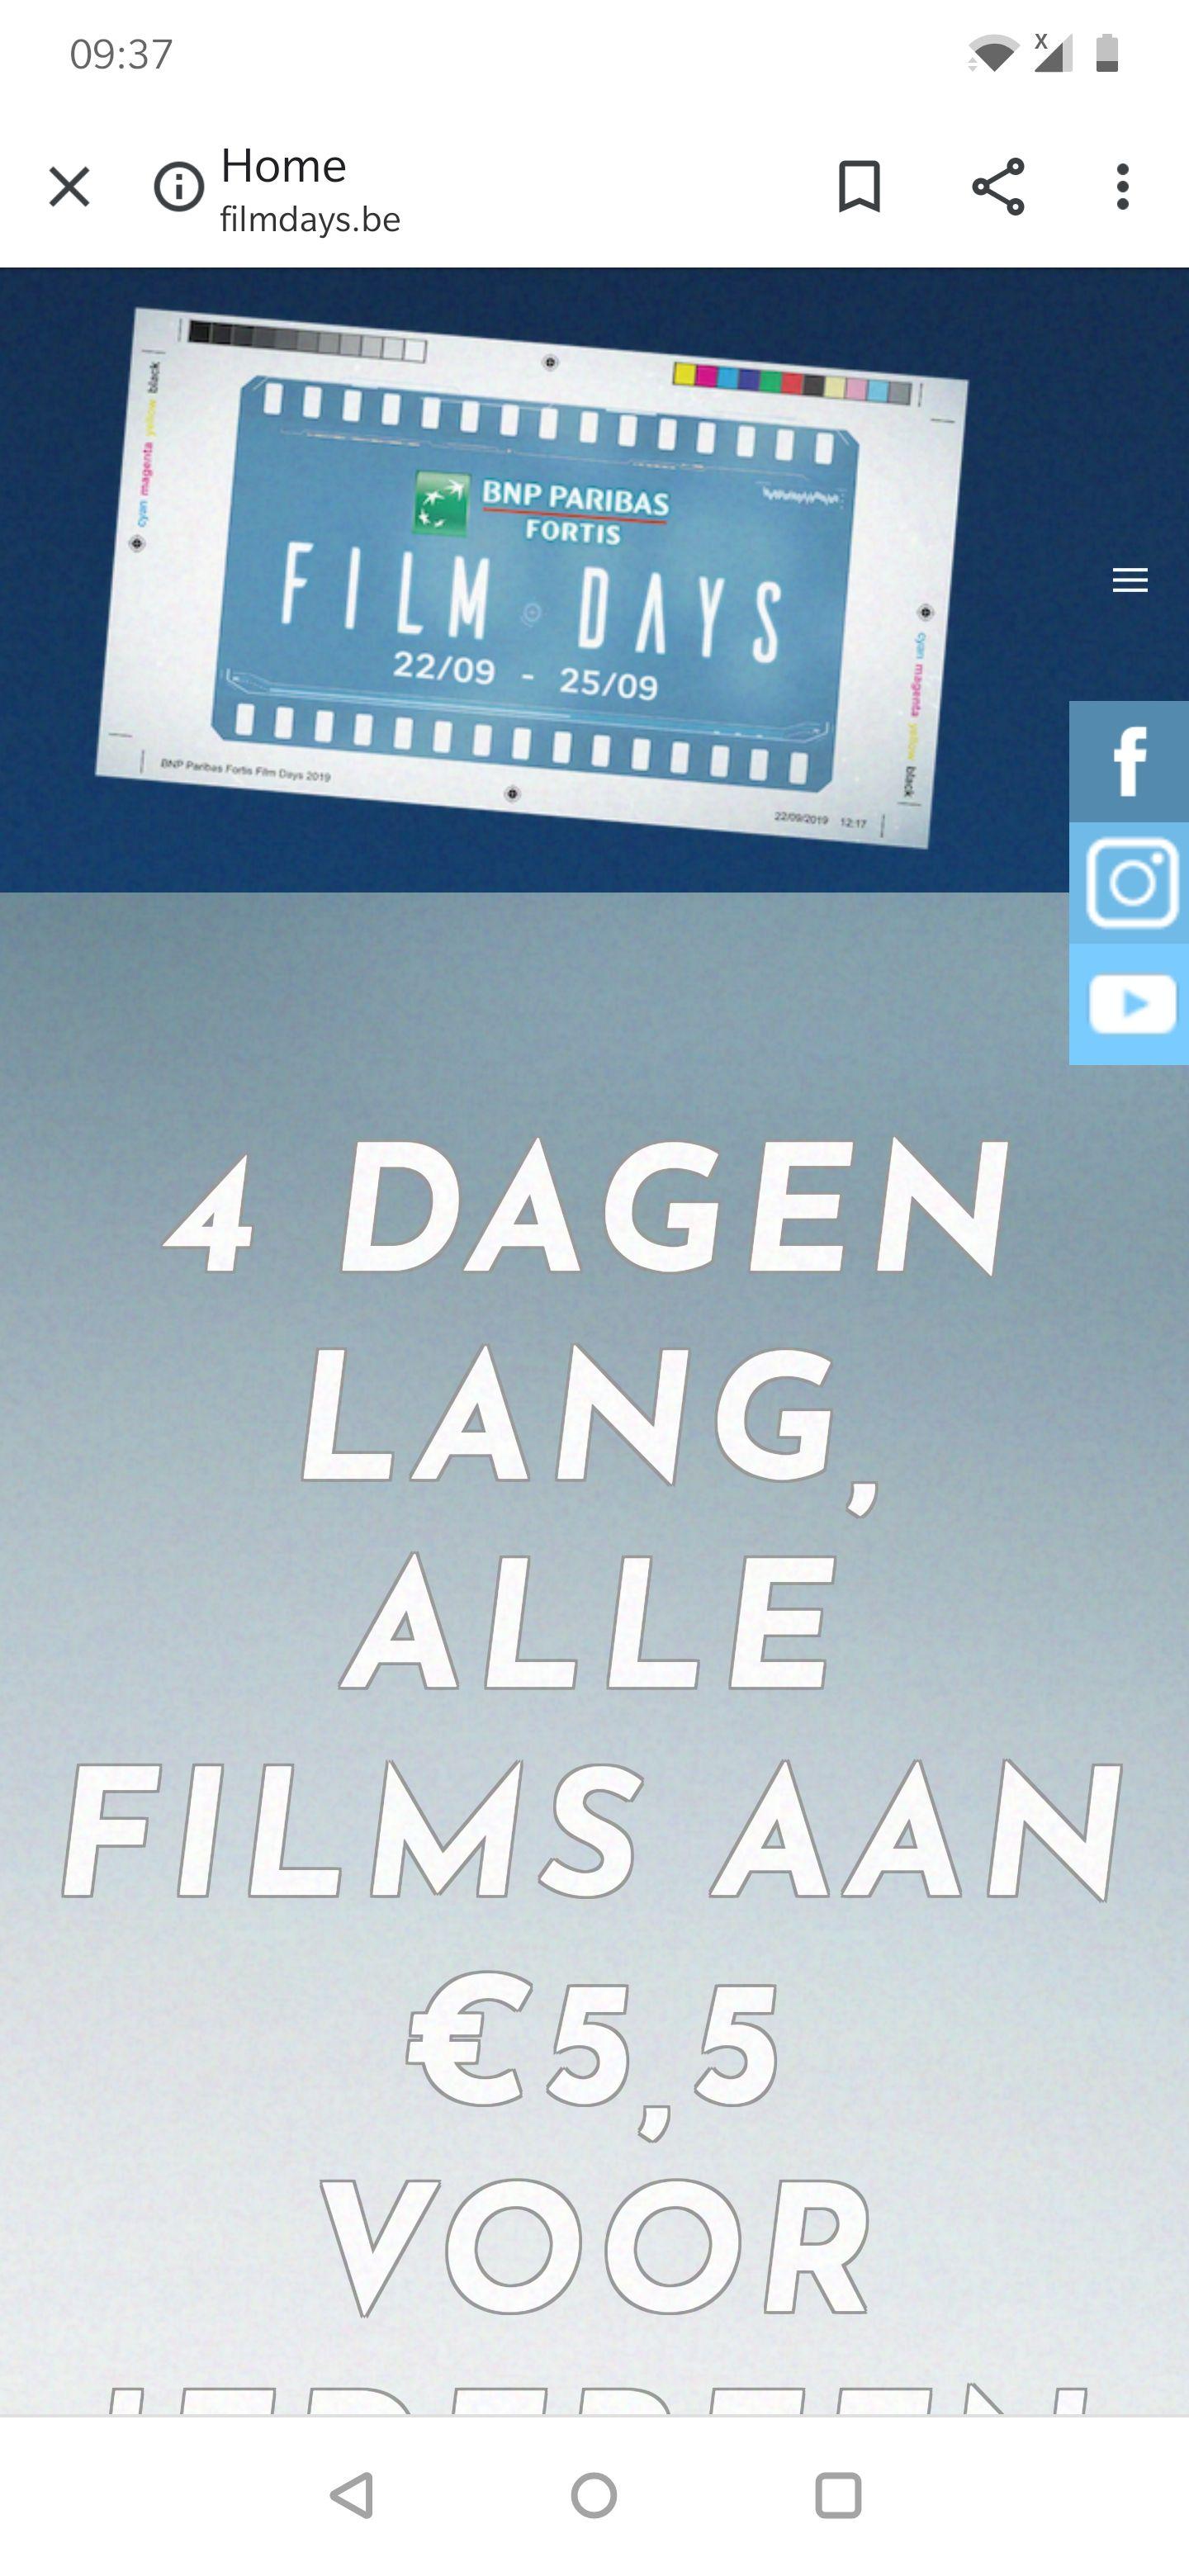 [GRENSDEAL BELGIË] Fortis film days, alle films in de bioscoop aan €5,50